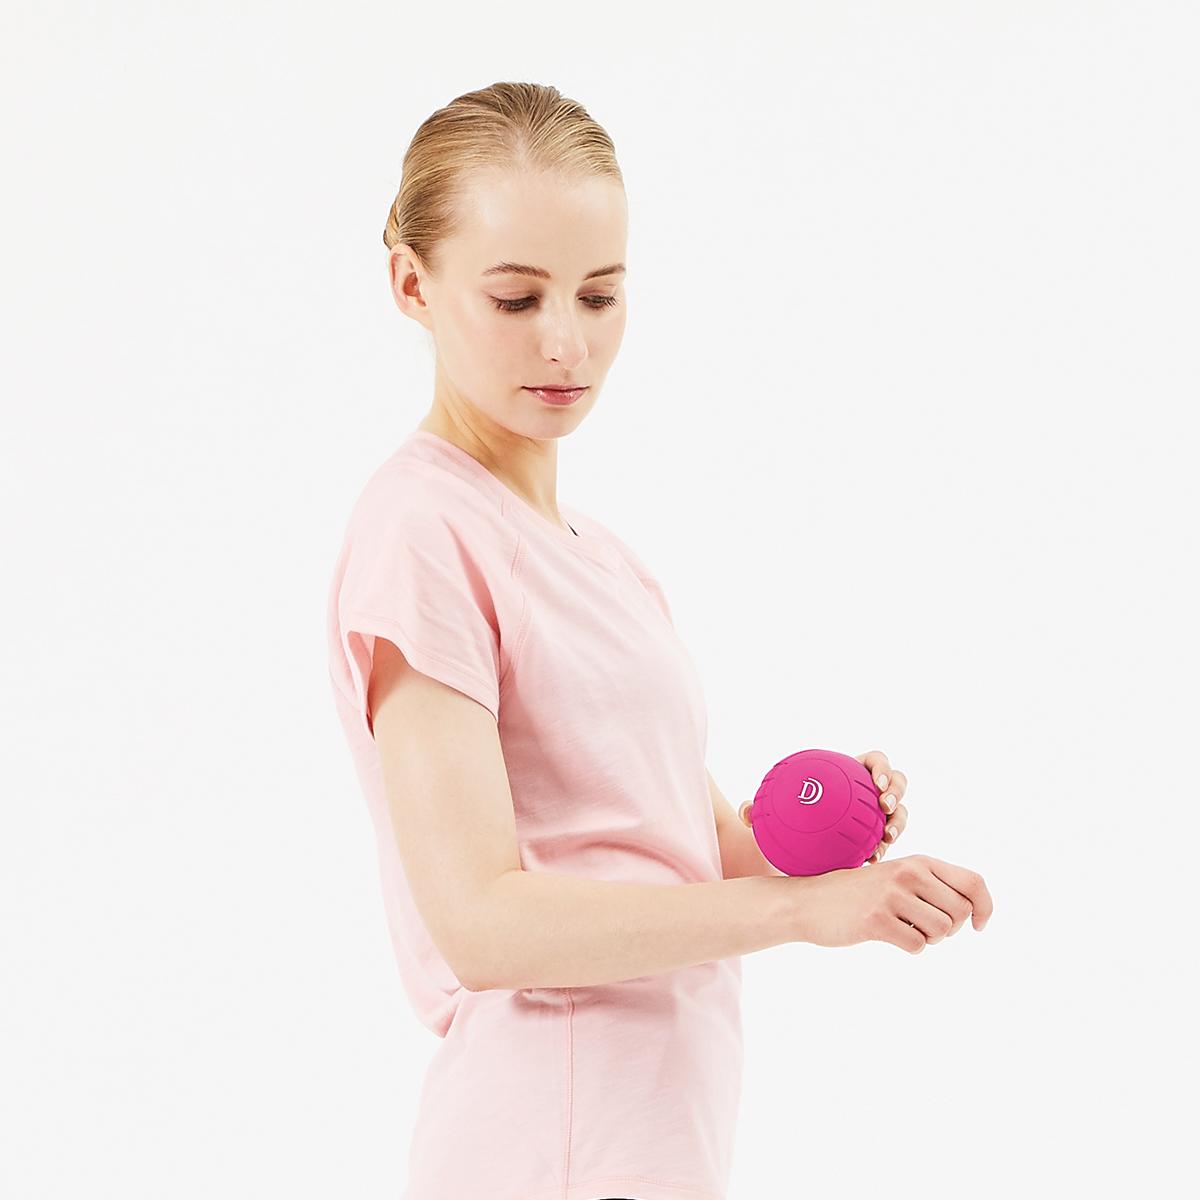 振動させずに、押し当てるだけのストレッチも気持ちいいストレッチボール Dr.Air 3Dコンディショニングボール